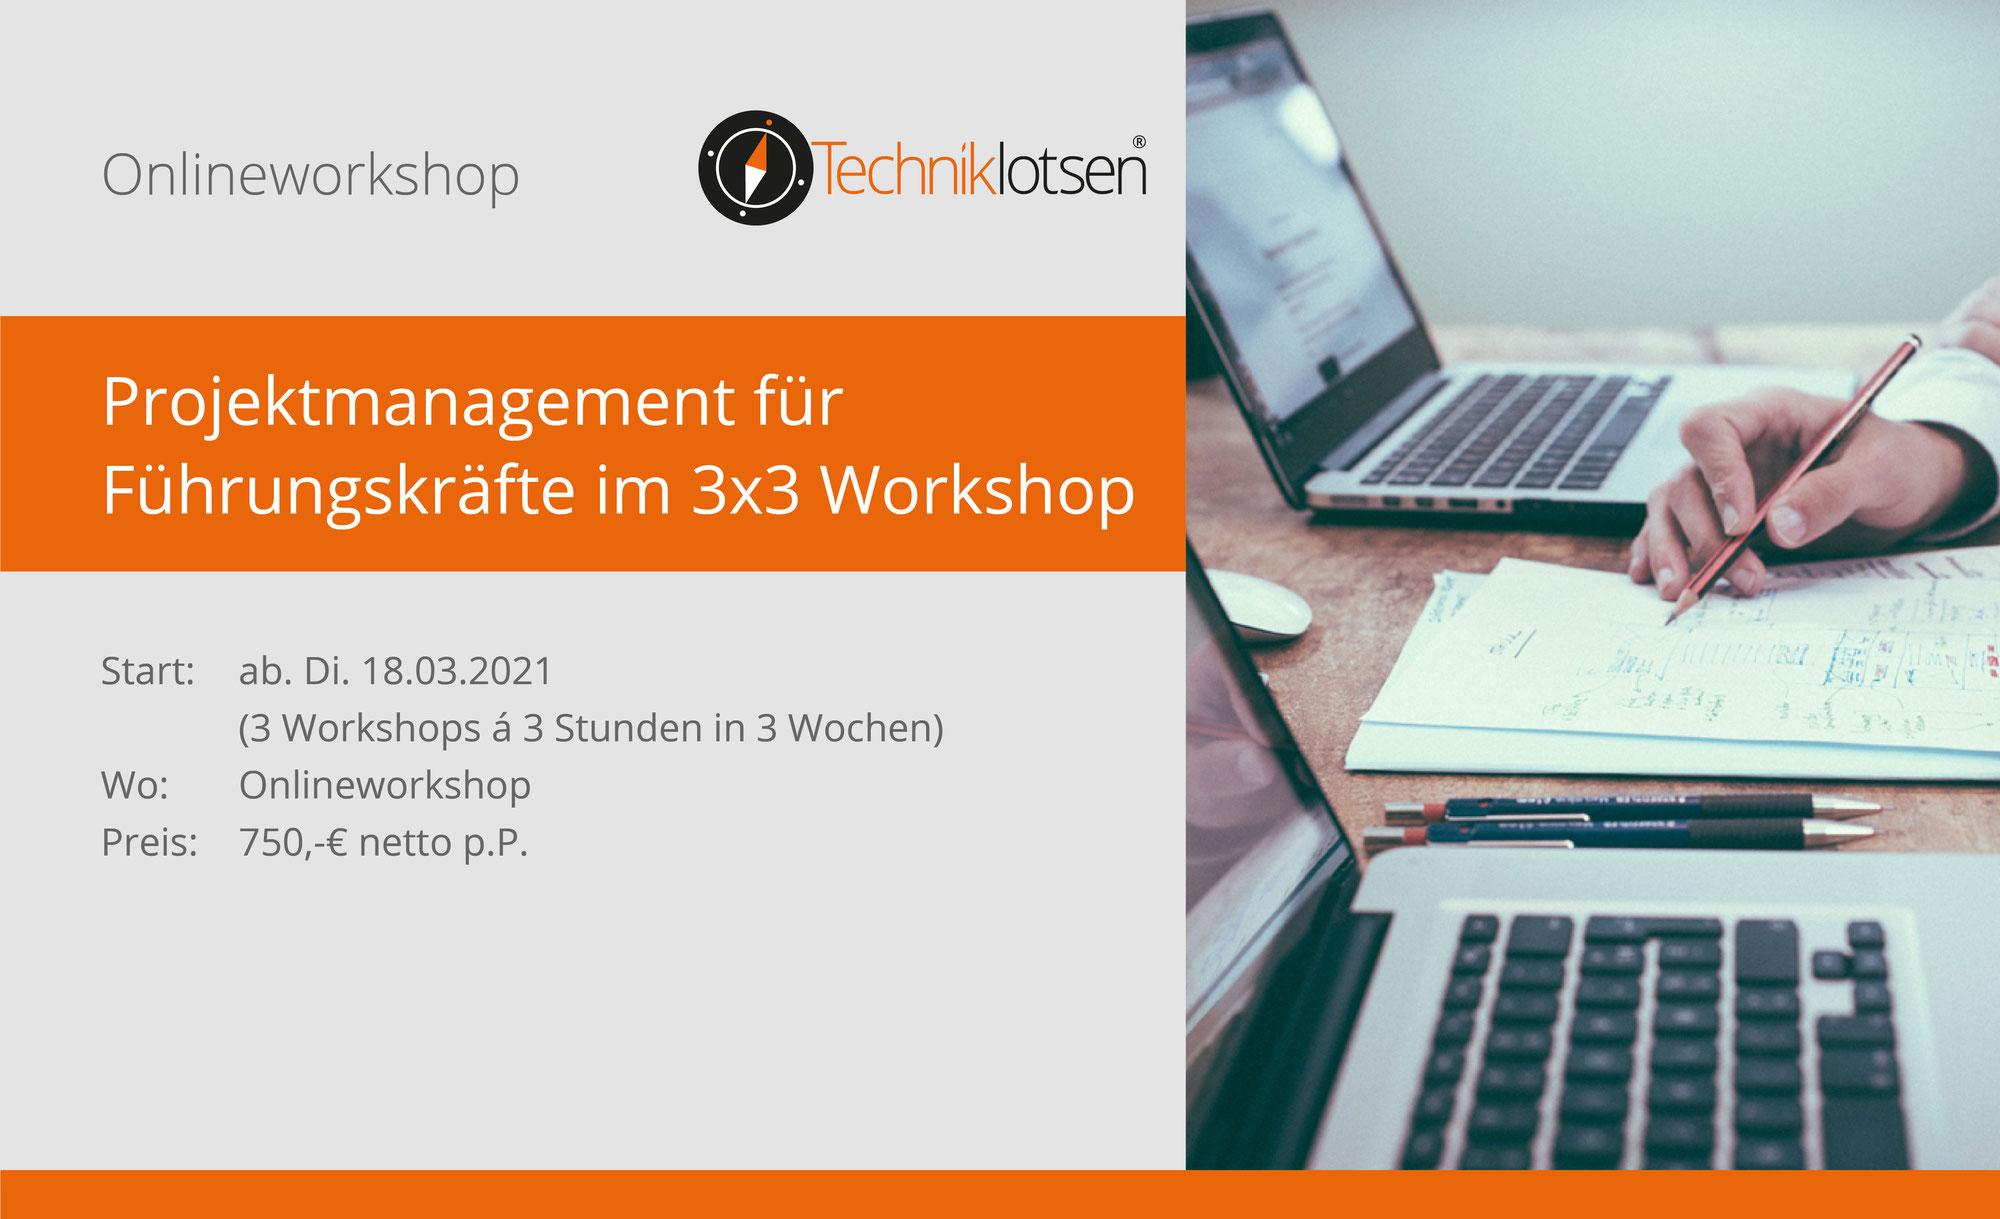 Projektmanagement für Führungskräfte im 3x3 Workshop